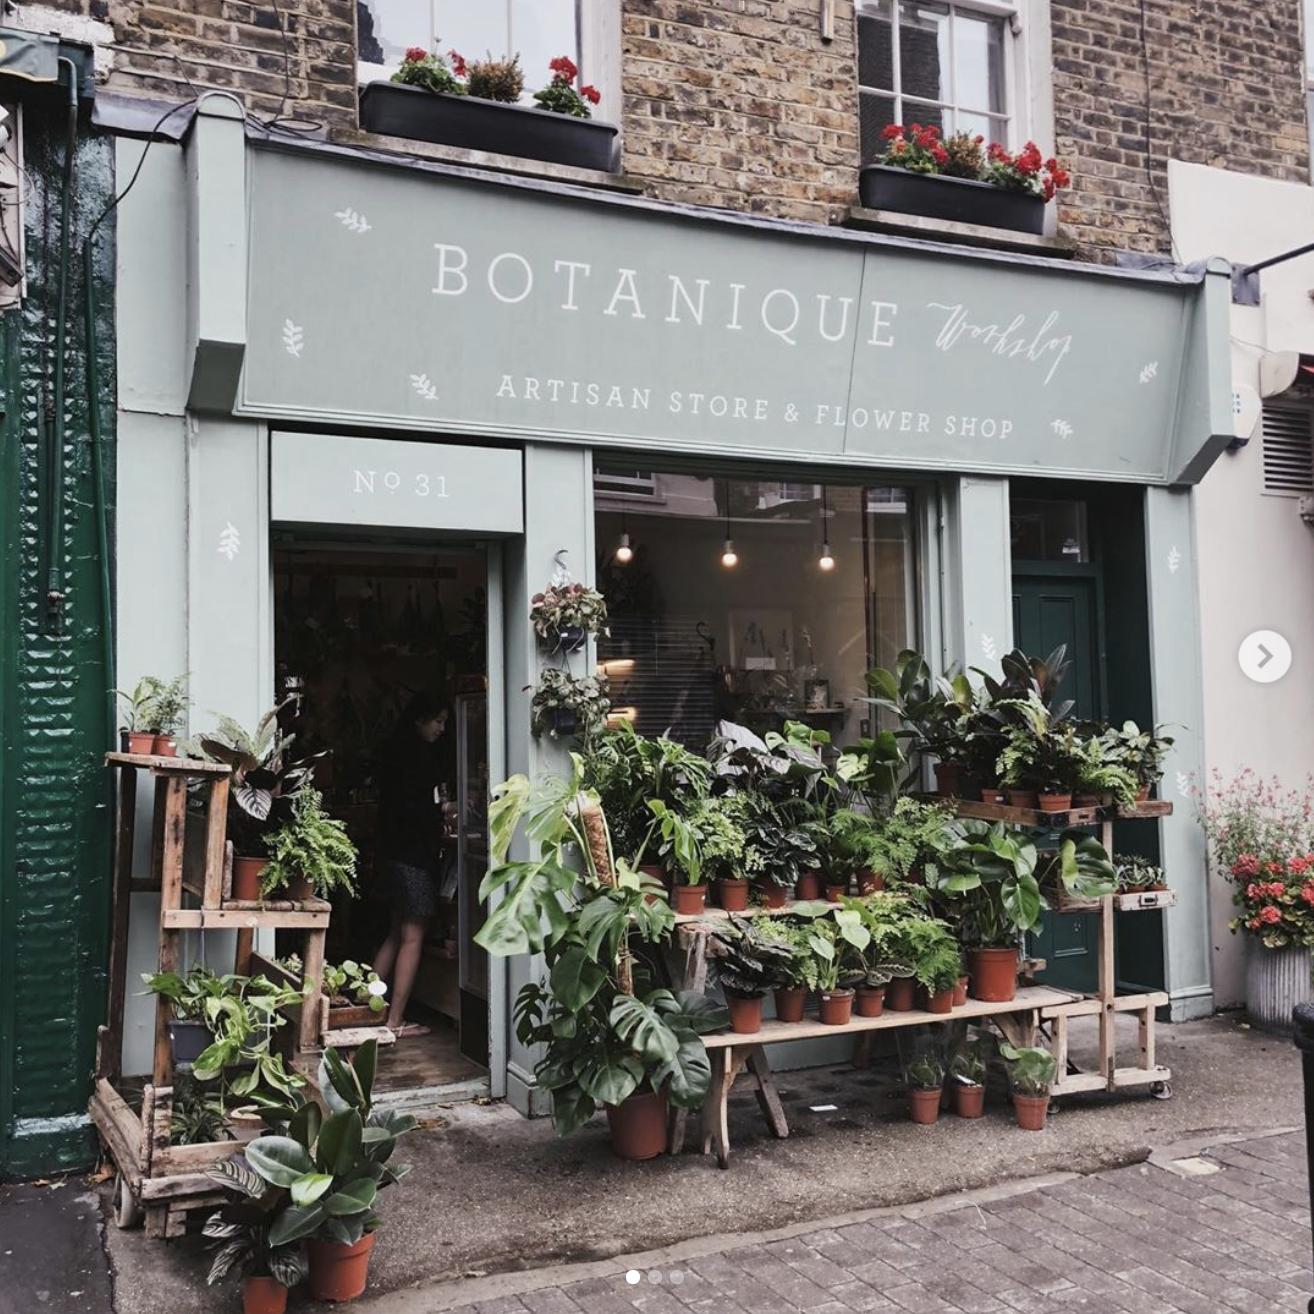 Extérieur du magasin Botanique Workshop, à Londres